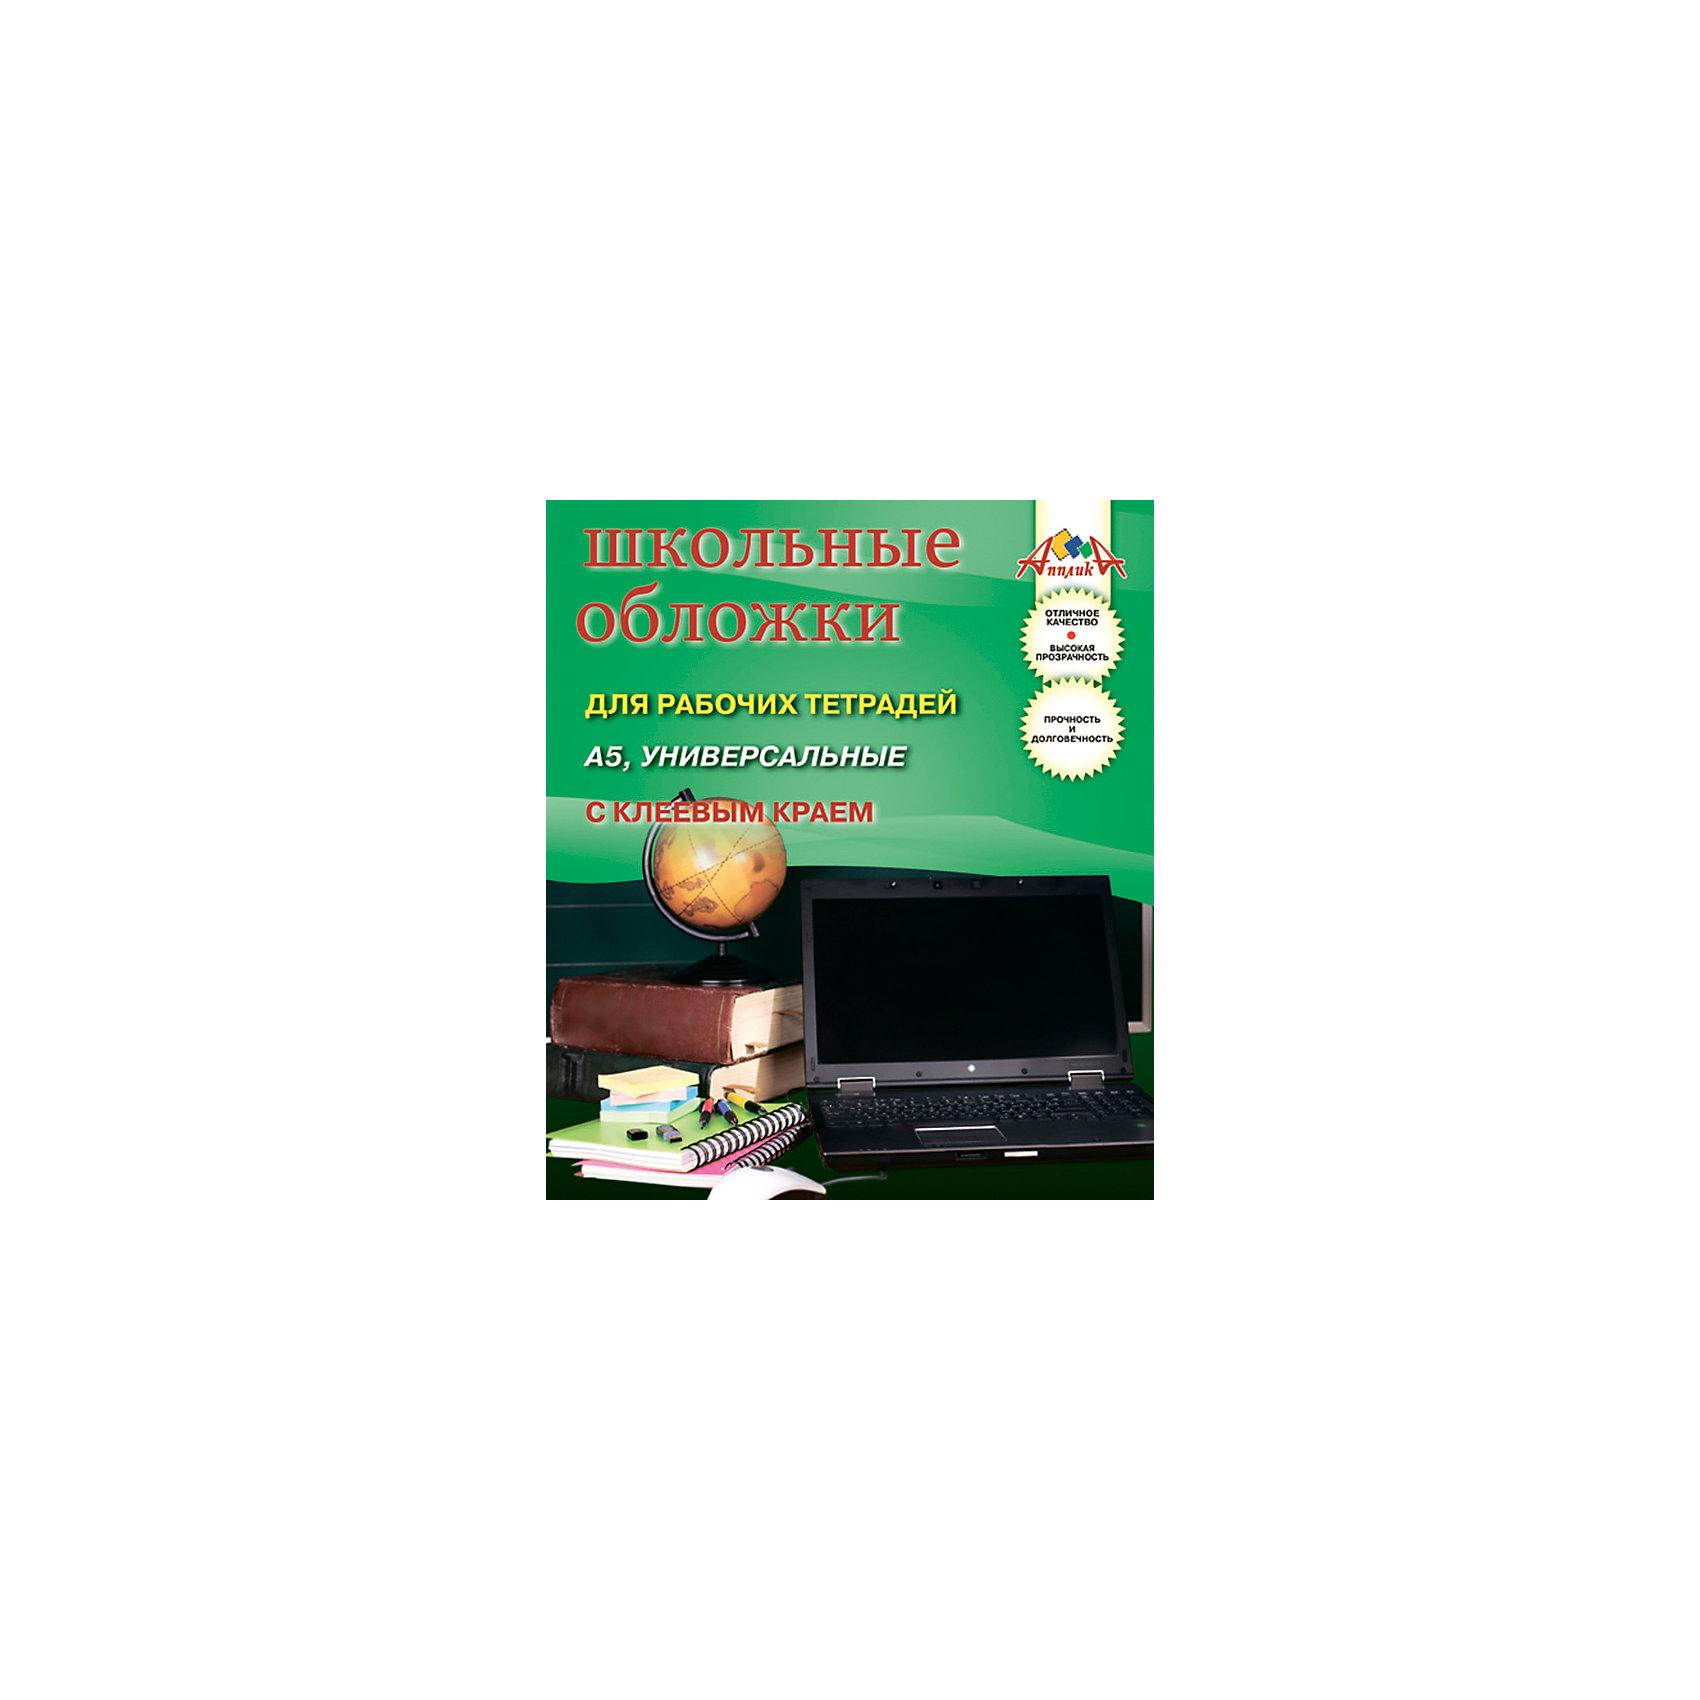 Обложки для рабочих тетрадей  формата А5 с клеевым краем, комплект 5 штук.Школьные аксессуары<br>Характеристики товара:<br><br>• возраст: от 6 лет;<br>• упаковка: пакет;<br>• количество в упаковки: 5 шт.;<br>• размер: 42х22 см.;<br>• материал: пвх;<br>• вес: 70 гр.;<br>• страна бренда: Россия;<br>• страна изготовитель: Россия.<br><br>Обложки для рабочих тетрадей  формата А5 с клеевым краем, комплект 5 штук - в наборе 5 обложек прозрачного цвета, выполненые из ПВХ плотностью 110 мкм. <br><br>Предназначены для защиты от пыли, грязи и механических повреждений, а специальный клеевой край обеспечить надежную фиксацию. Отличное качество, высокая прозрачность, прочность и долговечность - это главные преимущества этого набора. <br><br>Обложки для рабочих тетрадей  формата А5 с клеевым краем, комплект 5 штук, можно купить в нашем интернет-магазине.<br><br>Ширина мм: 210<br>Глубина мм: 180<br>Высота мм: 2<br>Вес г: 70<br>Возраст от месяцев: 36<br>Возраст до месяцев: 216<br>Пол: Унисекс<br>Возраст: Детский<br>SKU: 6992590